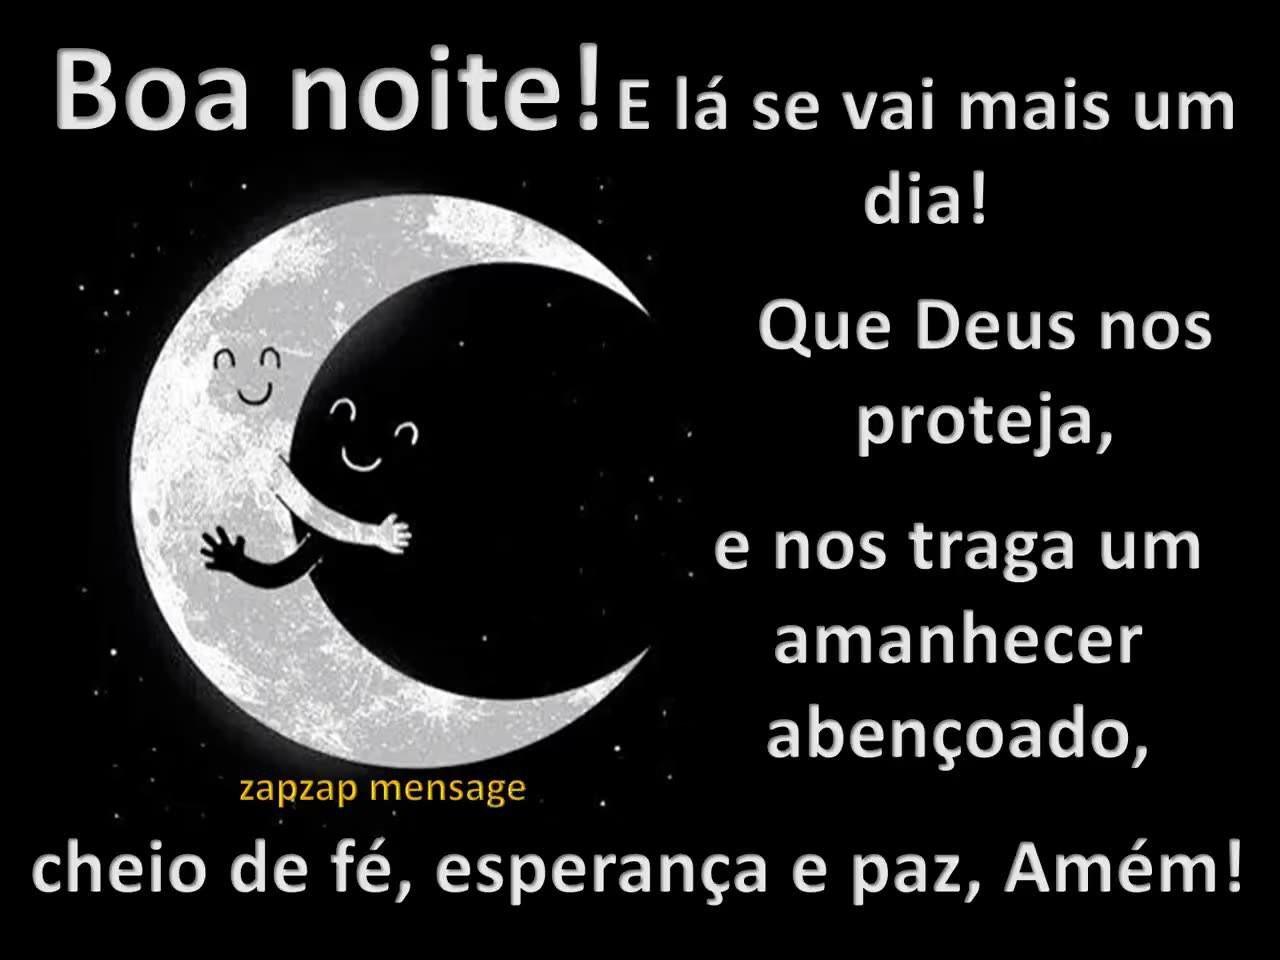 Mensagem De Boa Noite Para Amigos Boa Noite Que Deus Nos Proteja